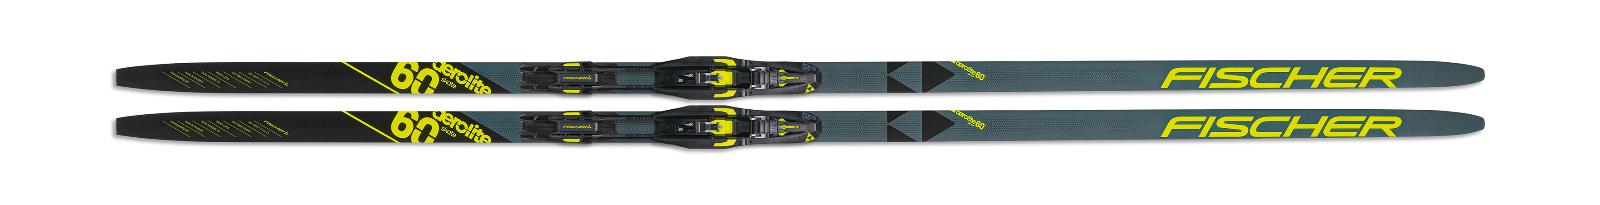 2022 Fischer Aerolite Skate 60 XC Skis w/ Fischer Control Skate Binding